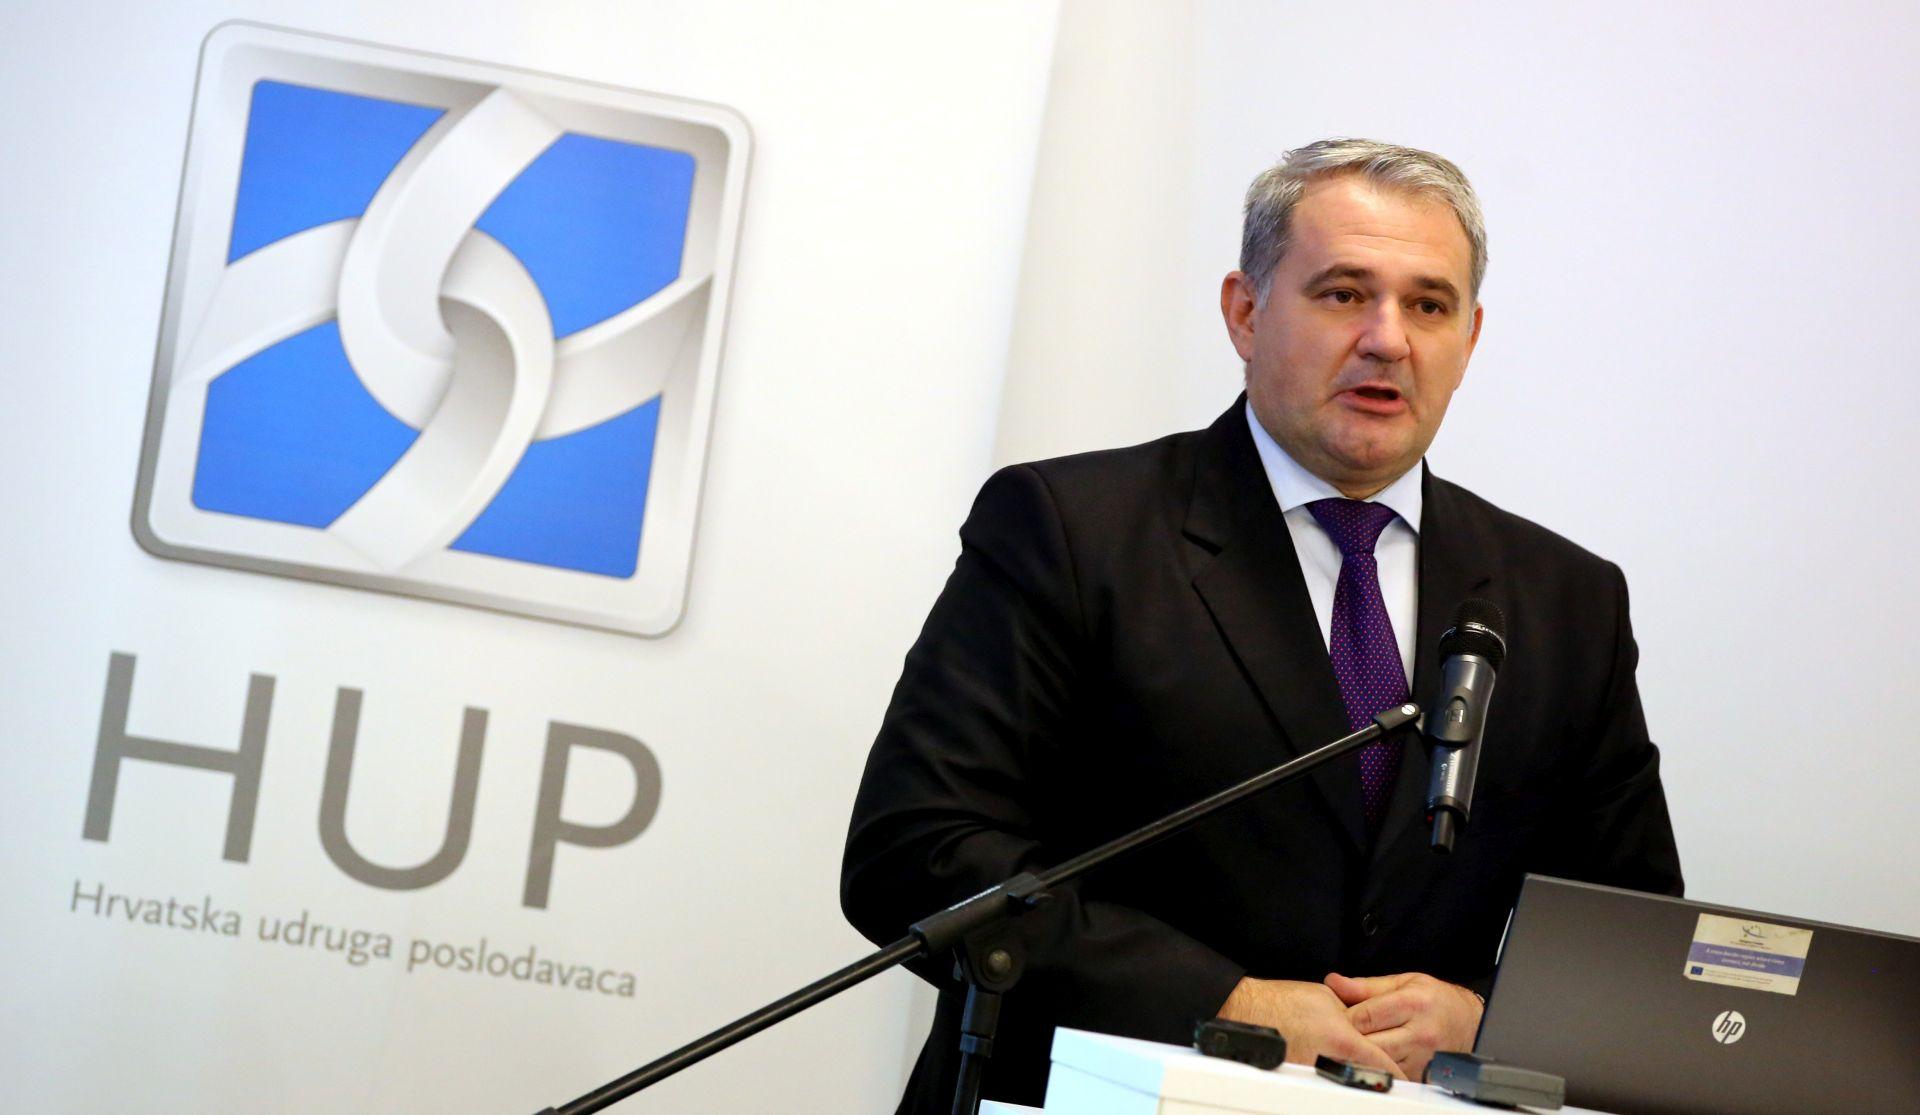 HUP protiv povećanja minimalne plaće na 3800 kuna